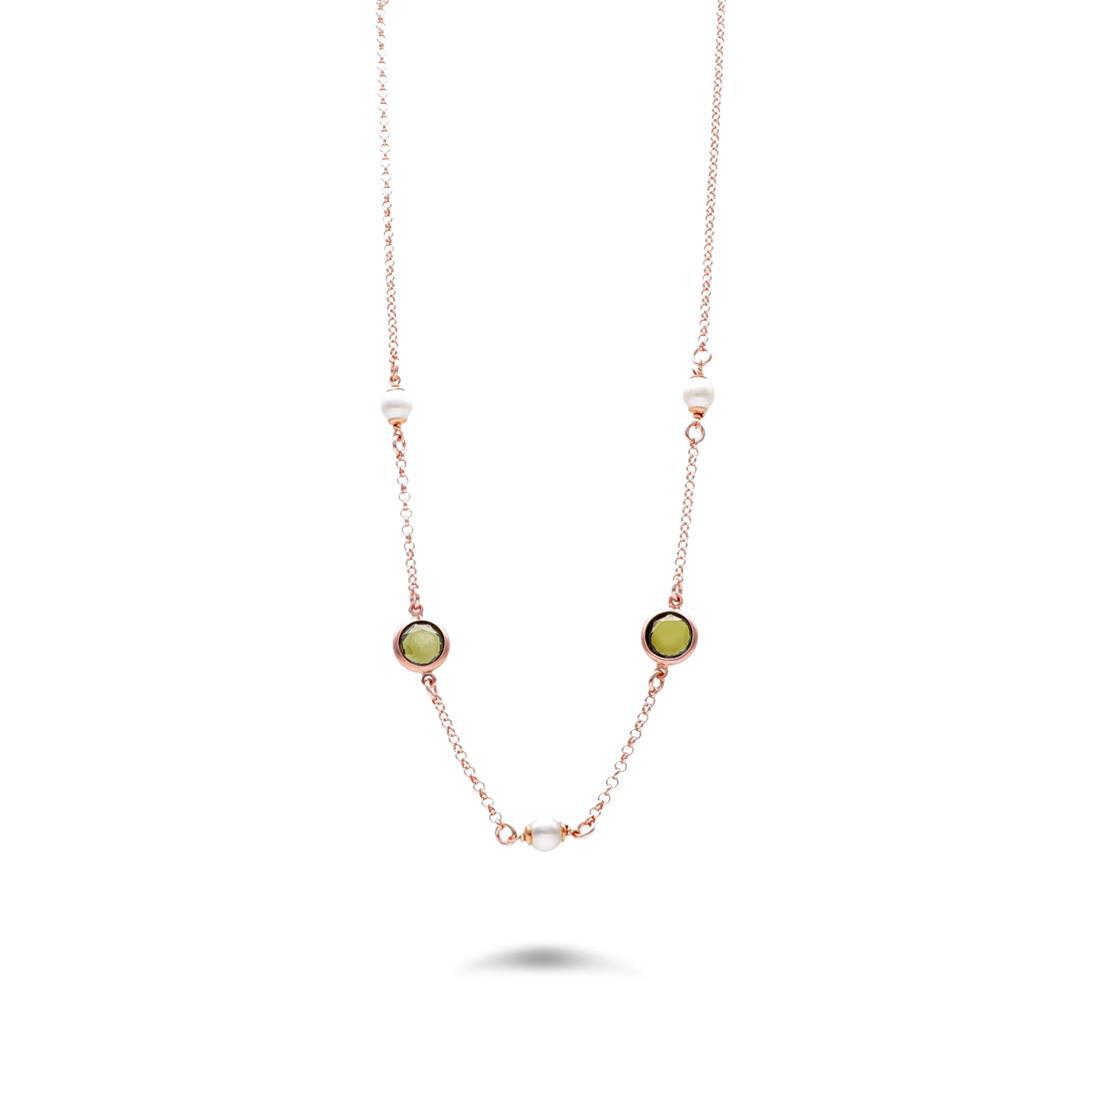 Collana con pietre verdi e perle - NOMINATION